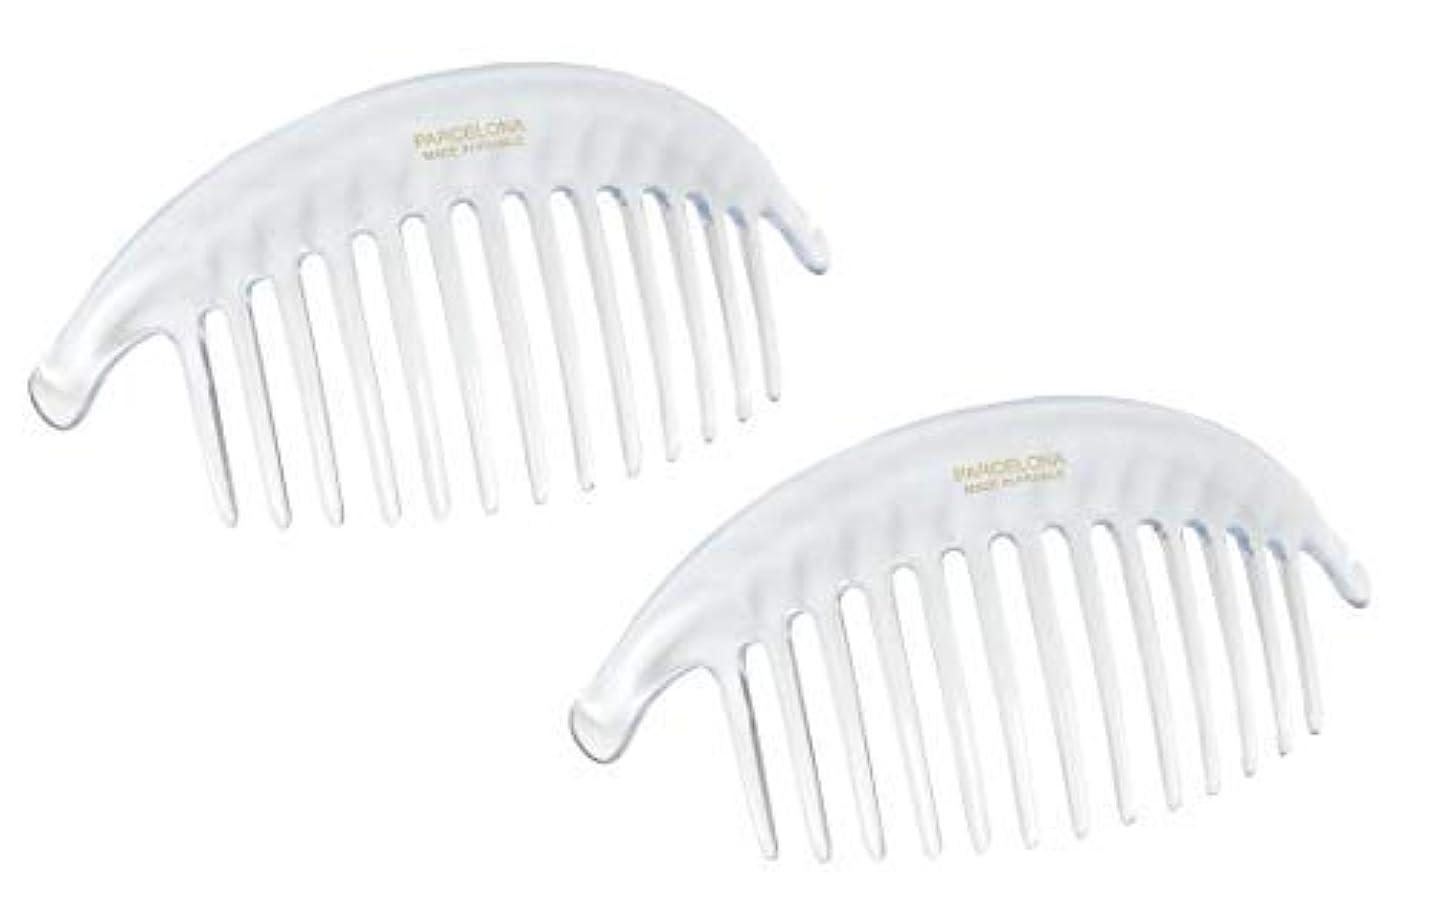 スーツミス正しくParcelona French Alice Large Set of 2 Clear 13 Teeth Celluloid Acetate Interlocking Side Hair Combs [並行輸入品]